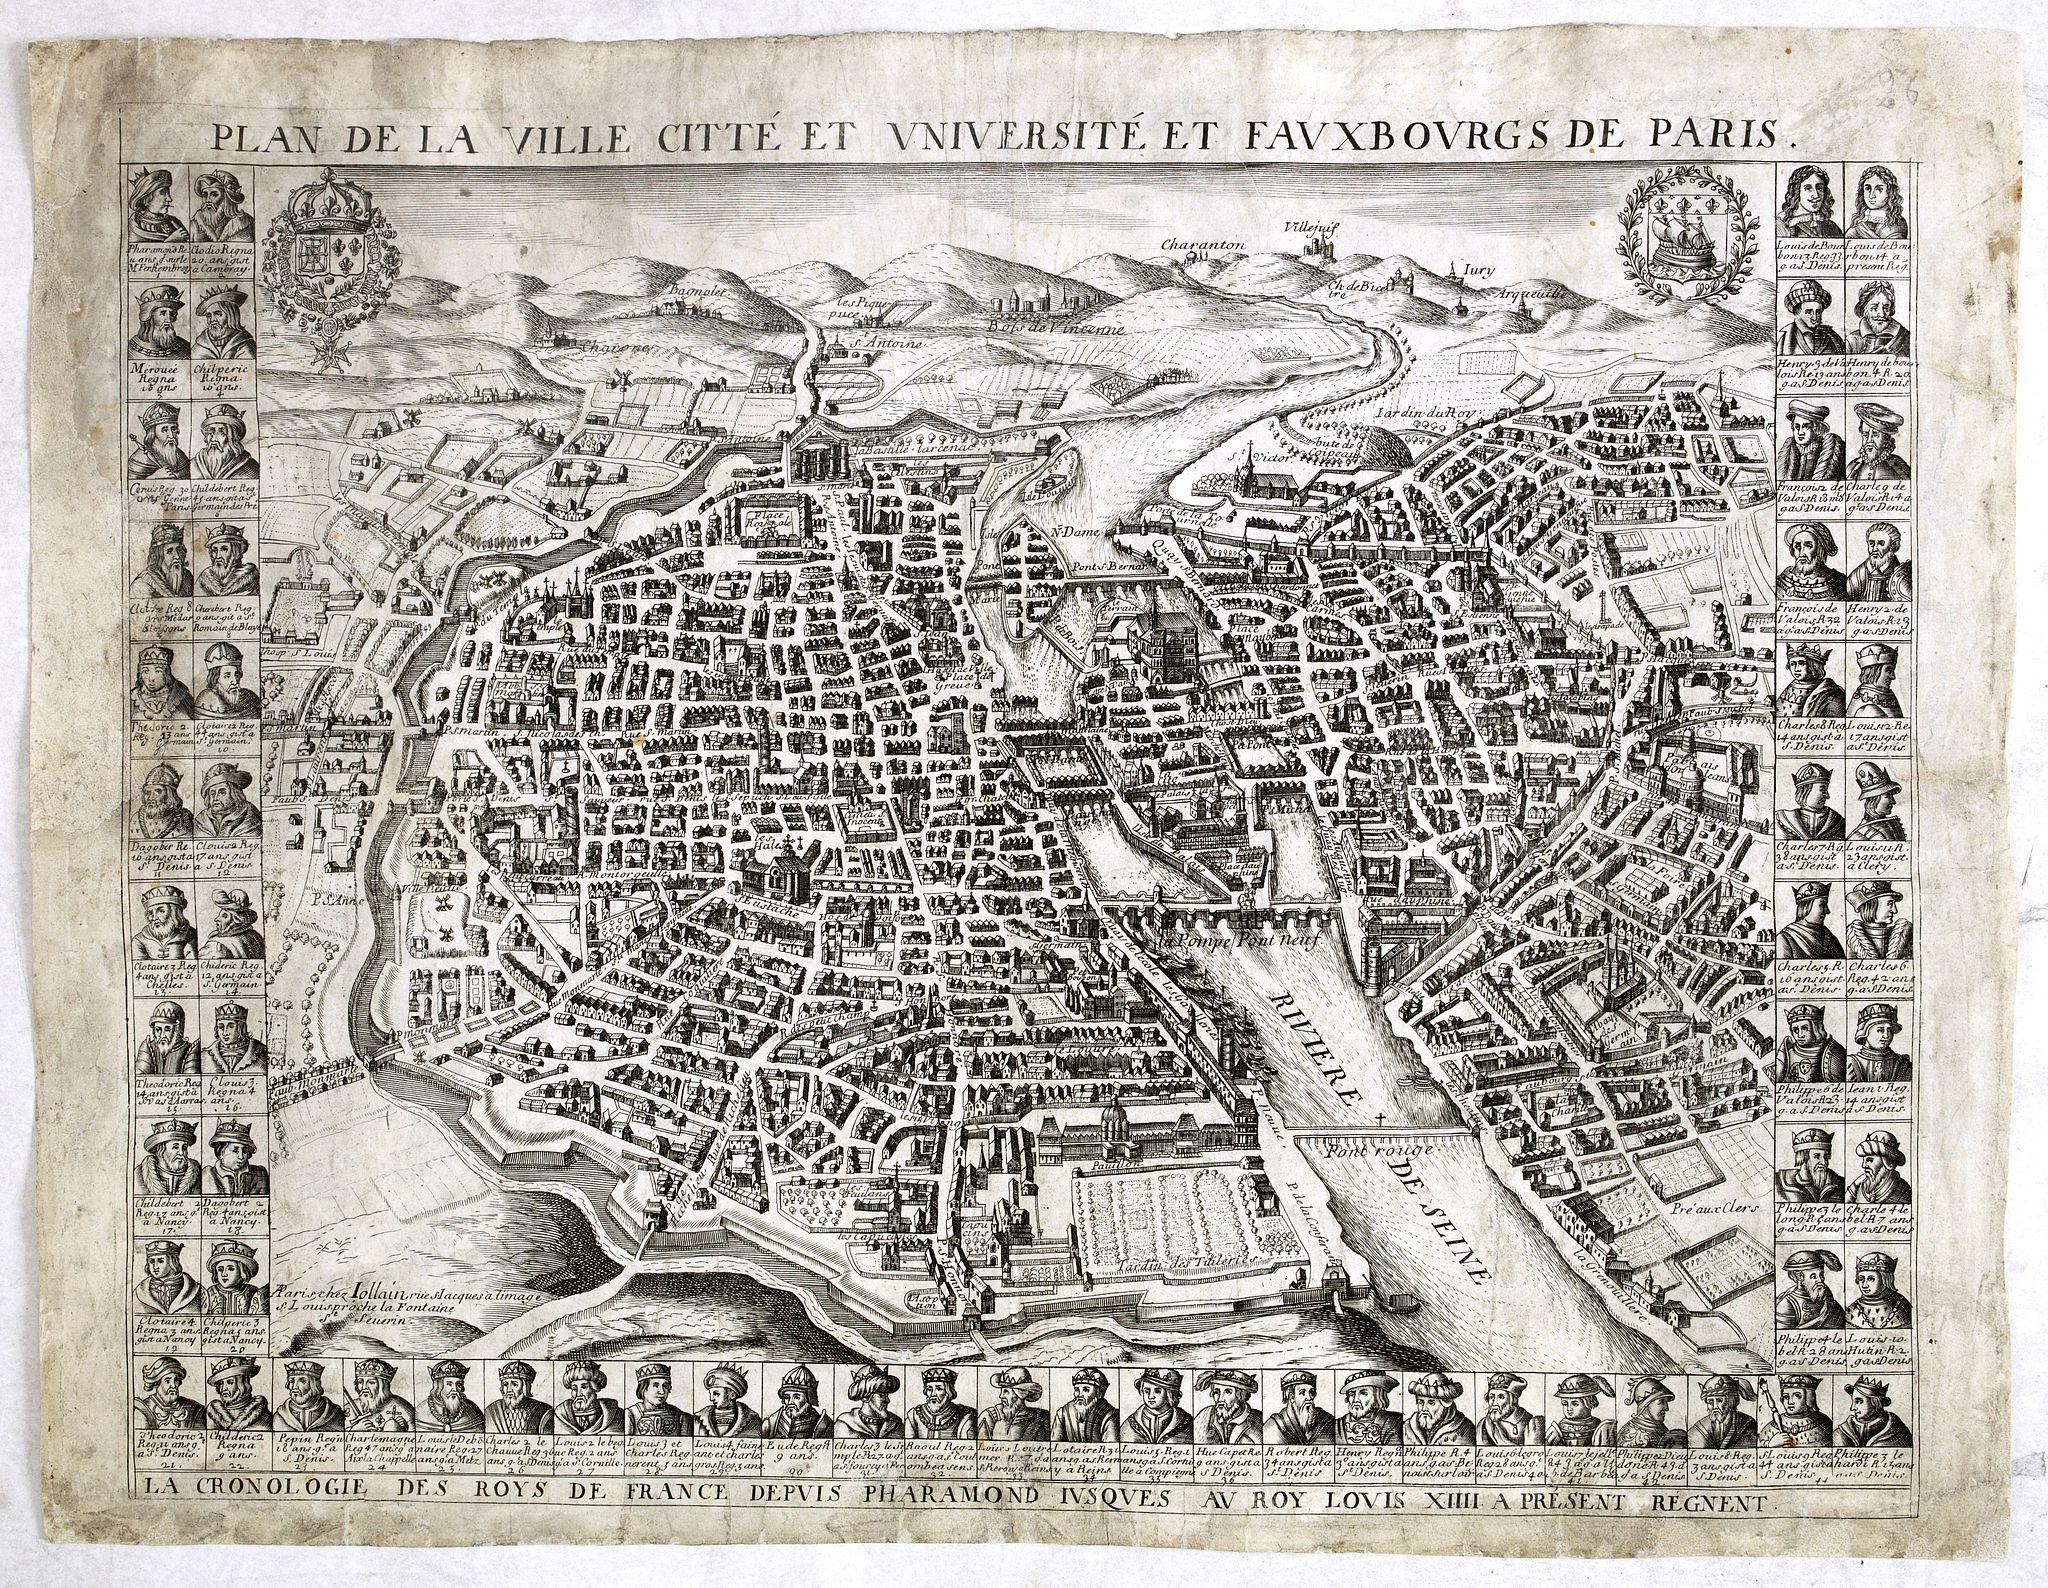 JOLLAIN, G. -  Plan de la ville citté et université et fauxbourgs de Paris.